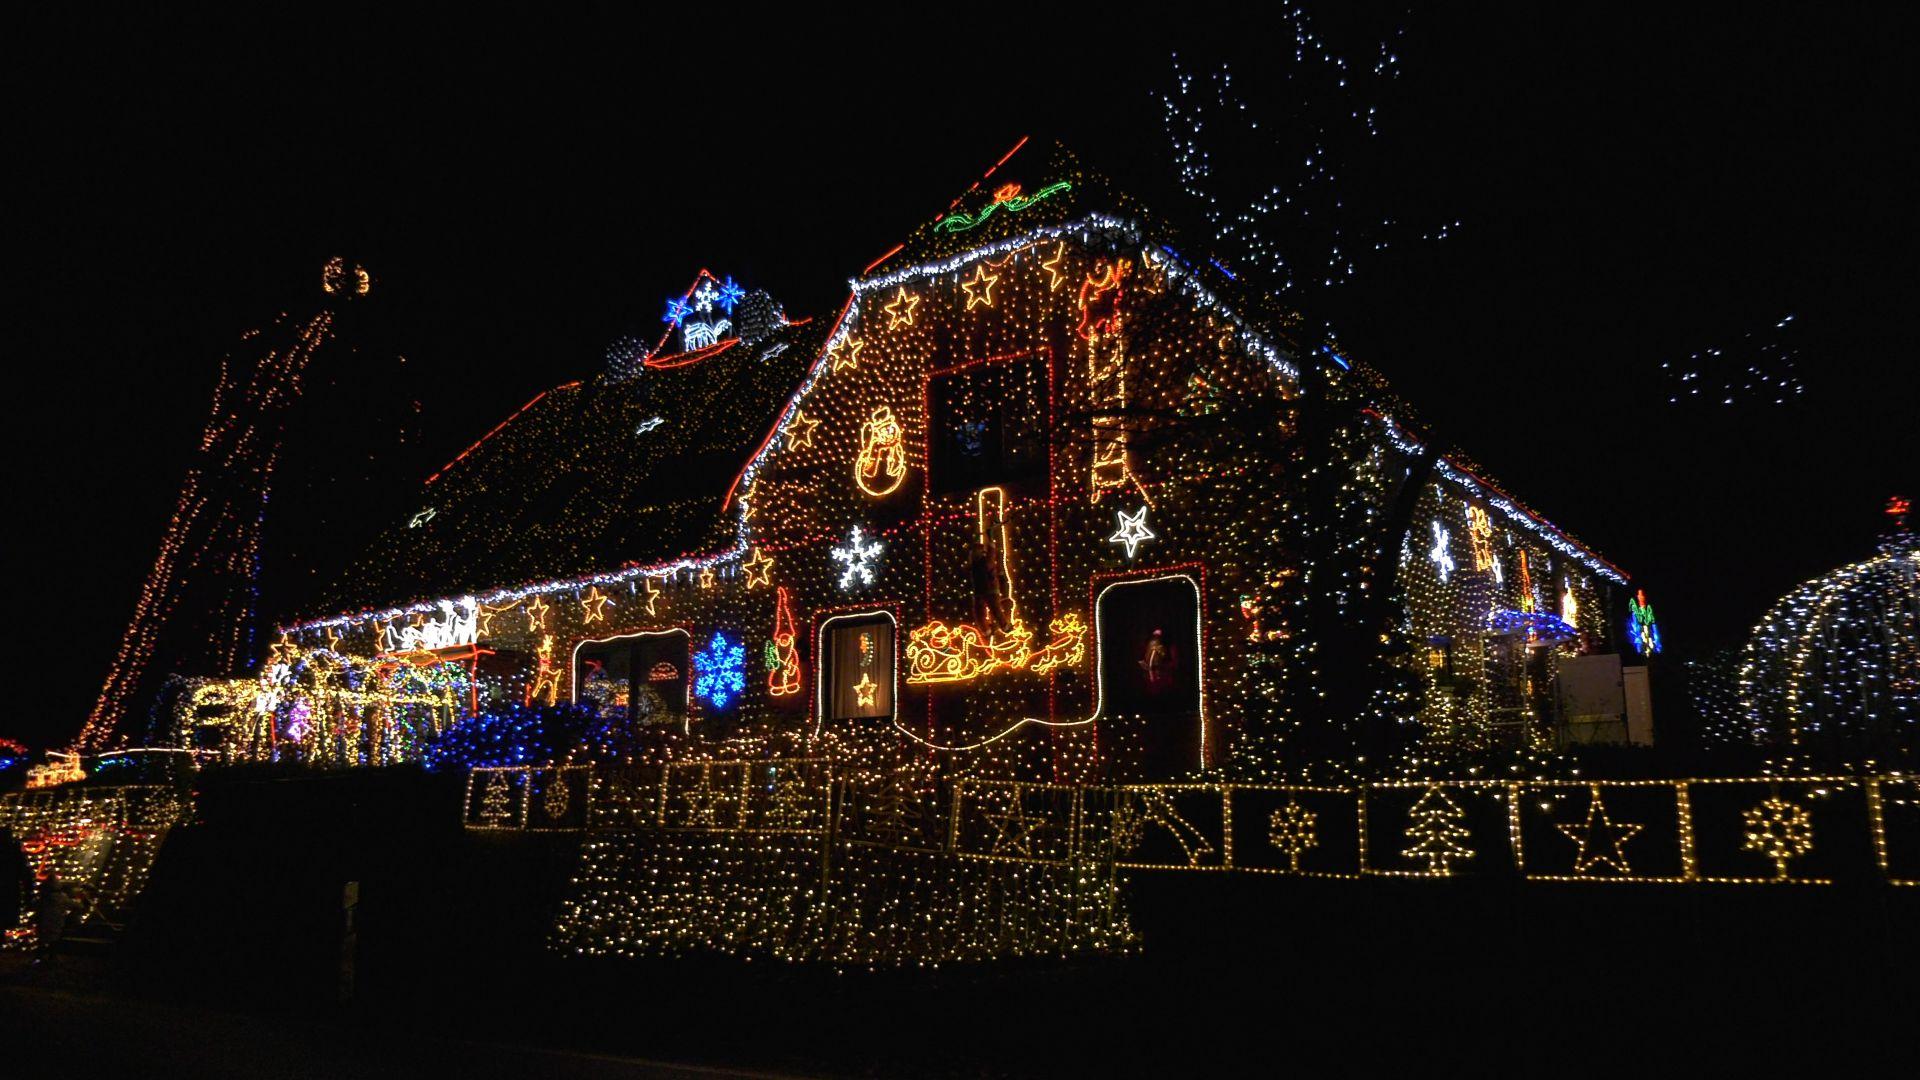 Kalle Niedersachsen Weihnachtsbeleuchtung.535 000 Lichter Am Weihnachtshaus In Calle Unterwegs In Niedersachsen